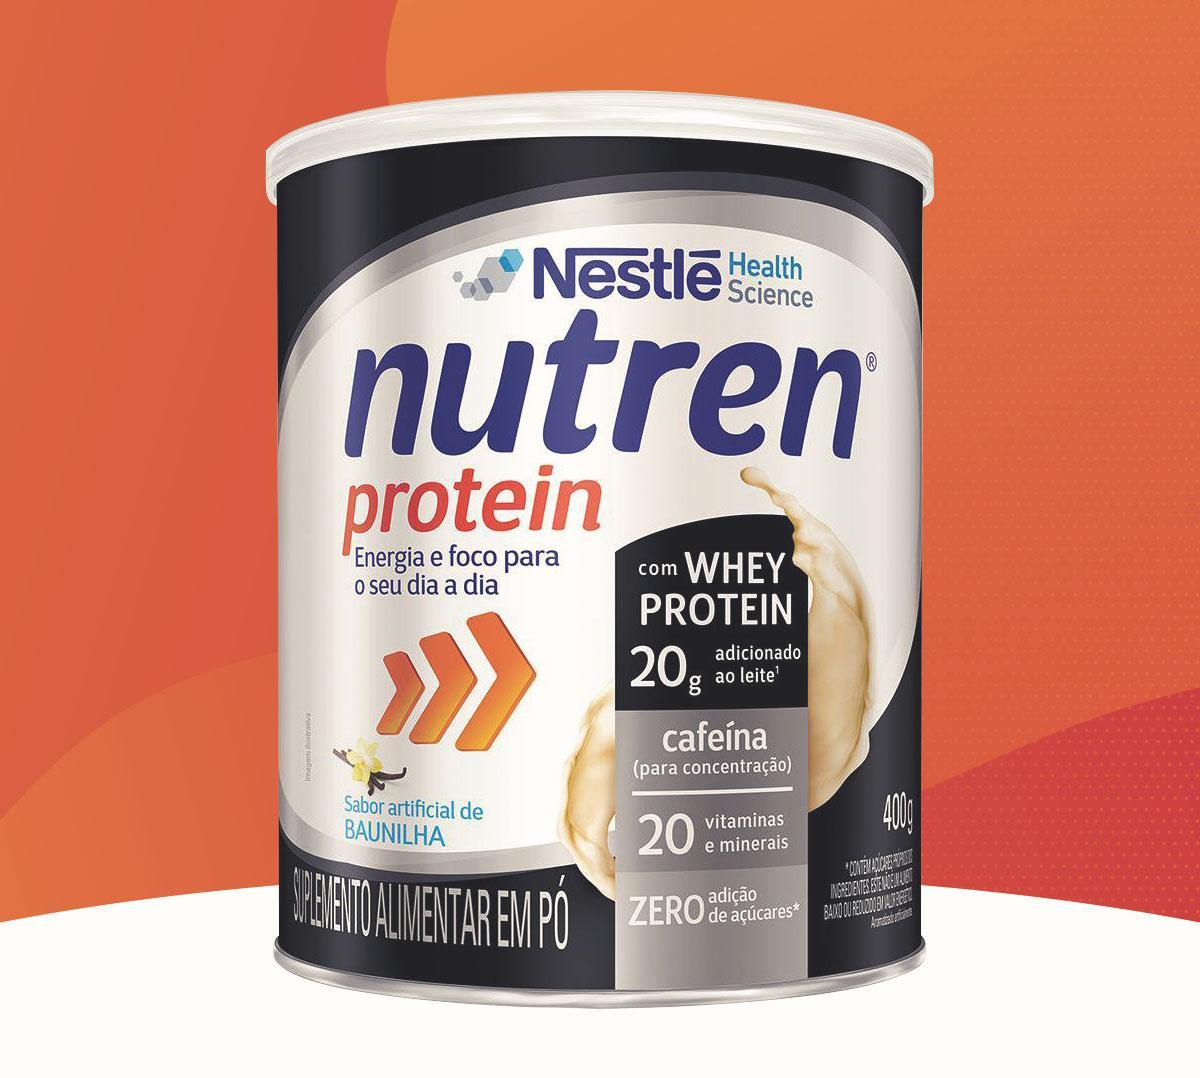 Nutren Protein: o novo complemento alimentar da Nestlé